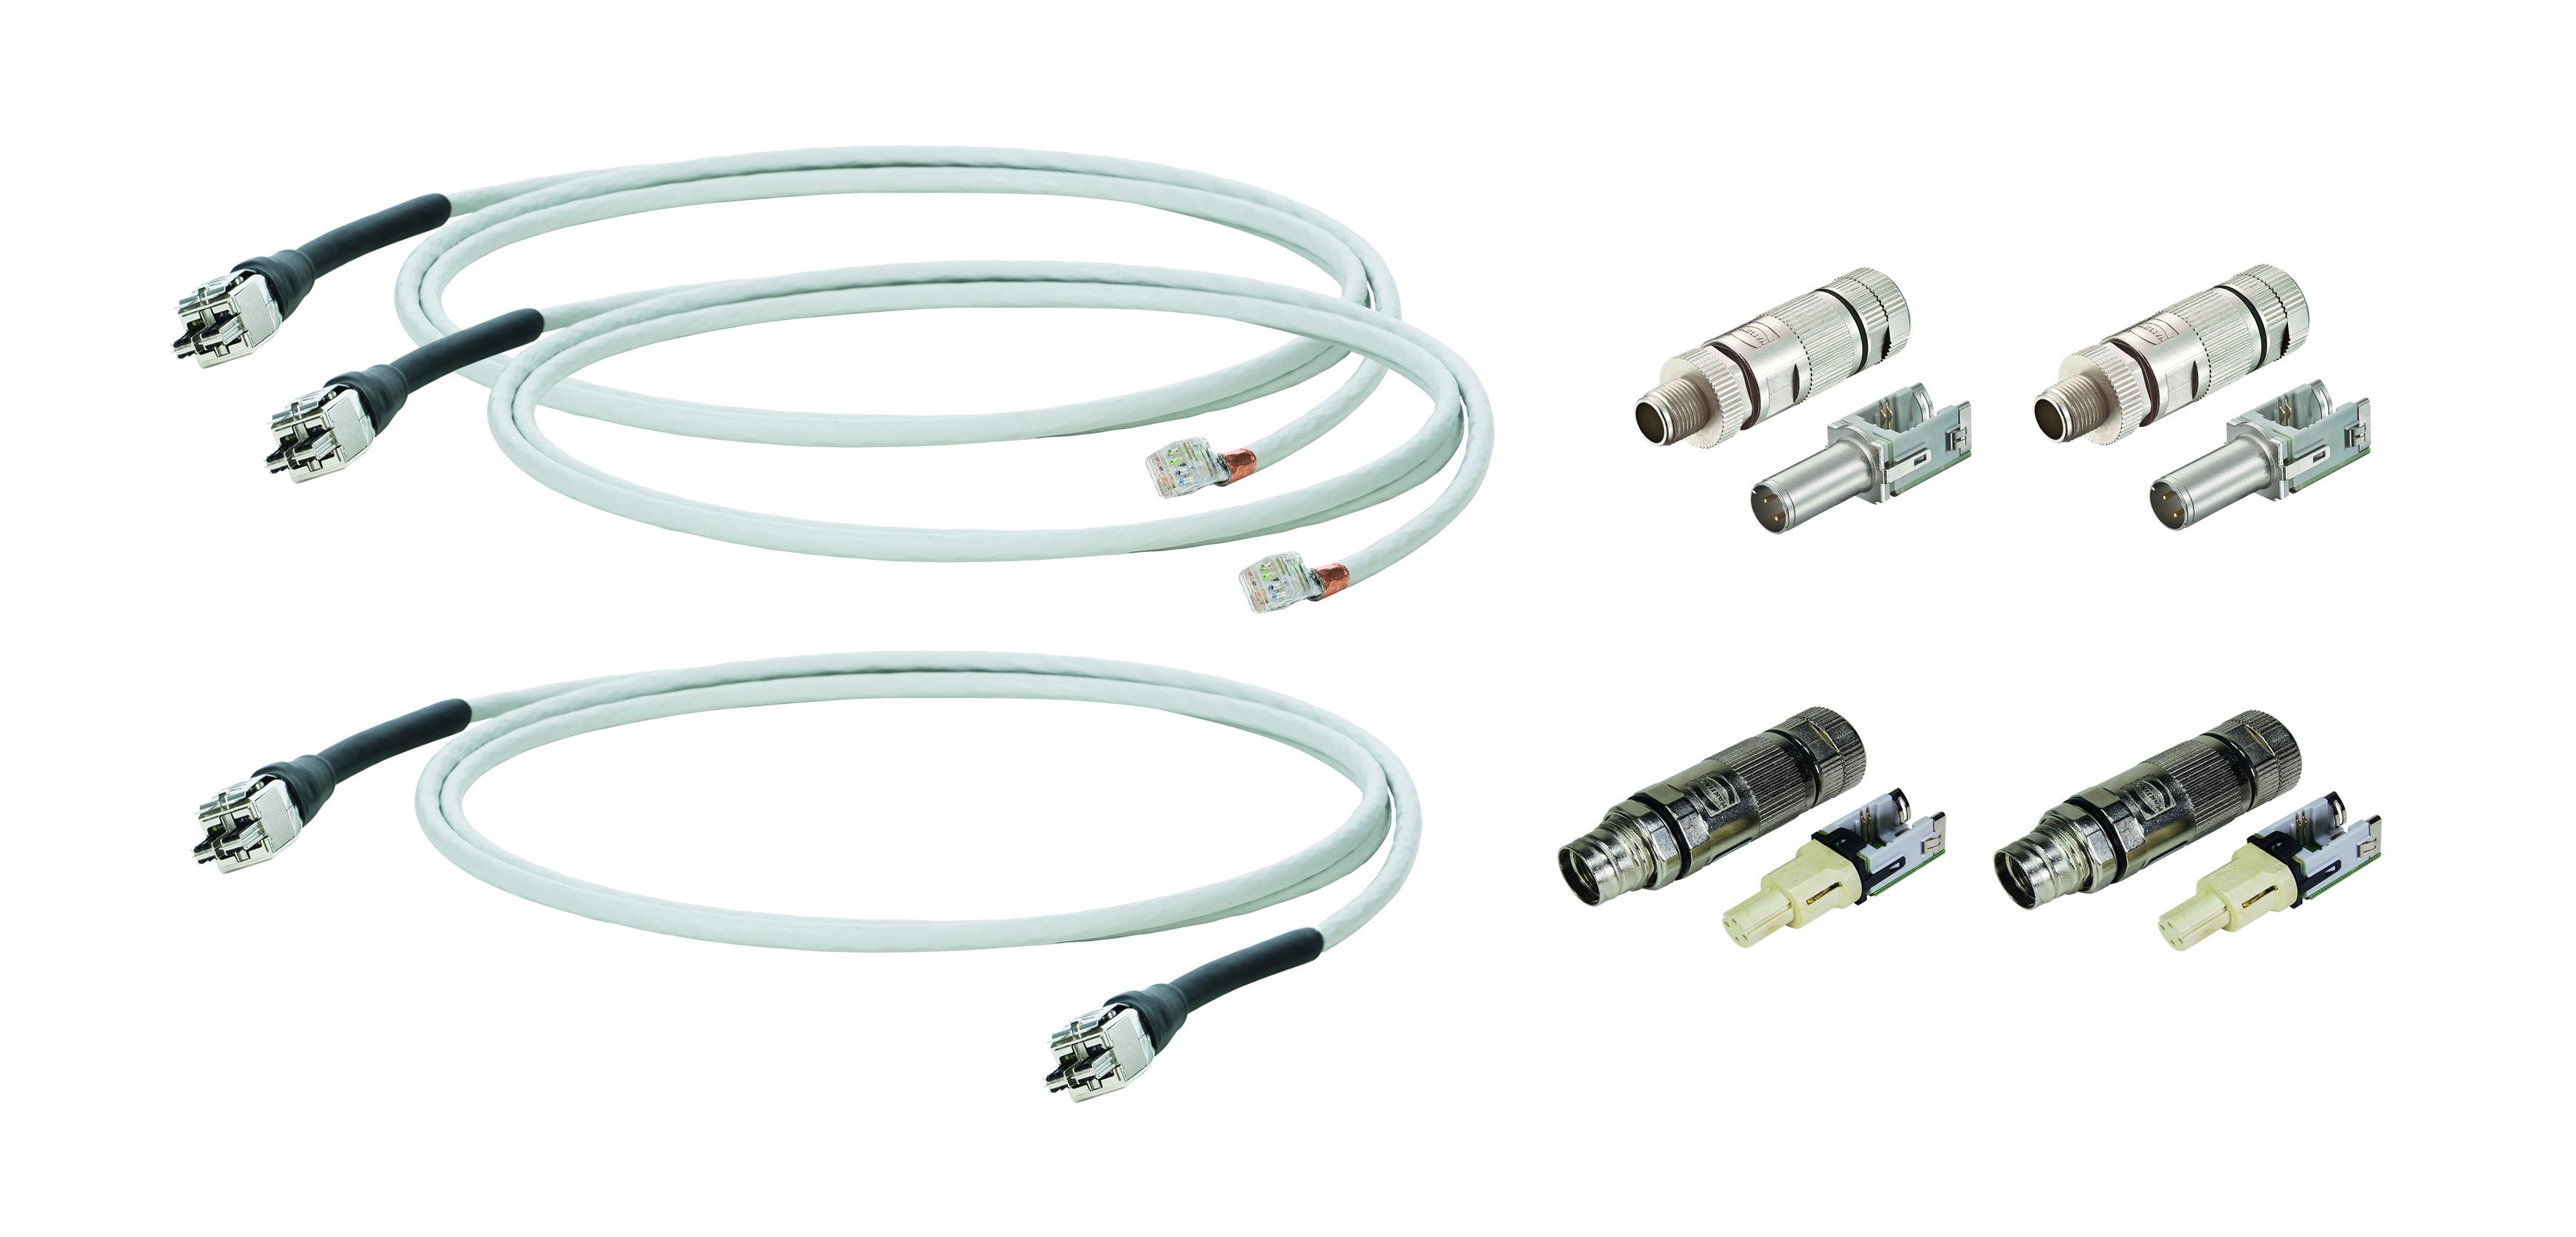 1 Stk WireXpert - Kabel Kit zum messen von M12 D-Coded Systemen HMSWXZKIT2